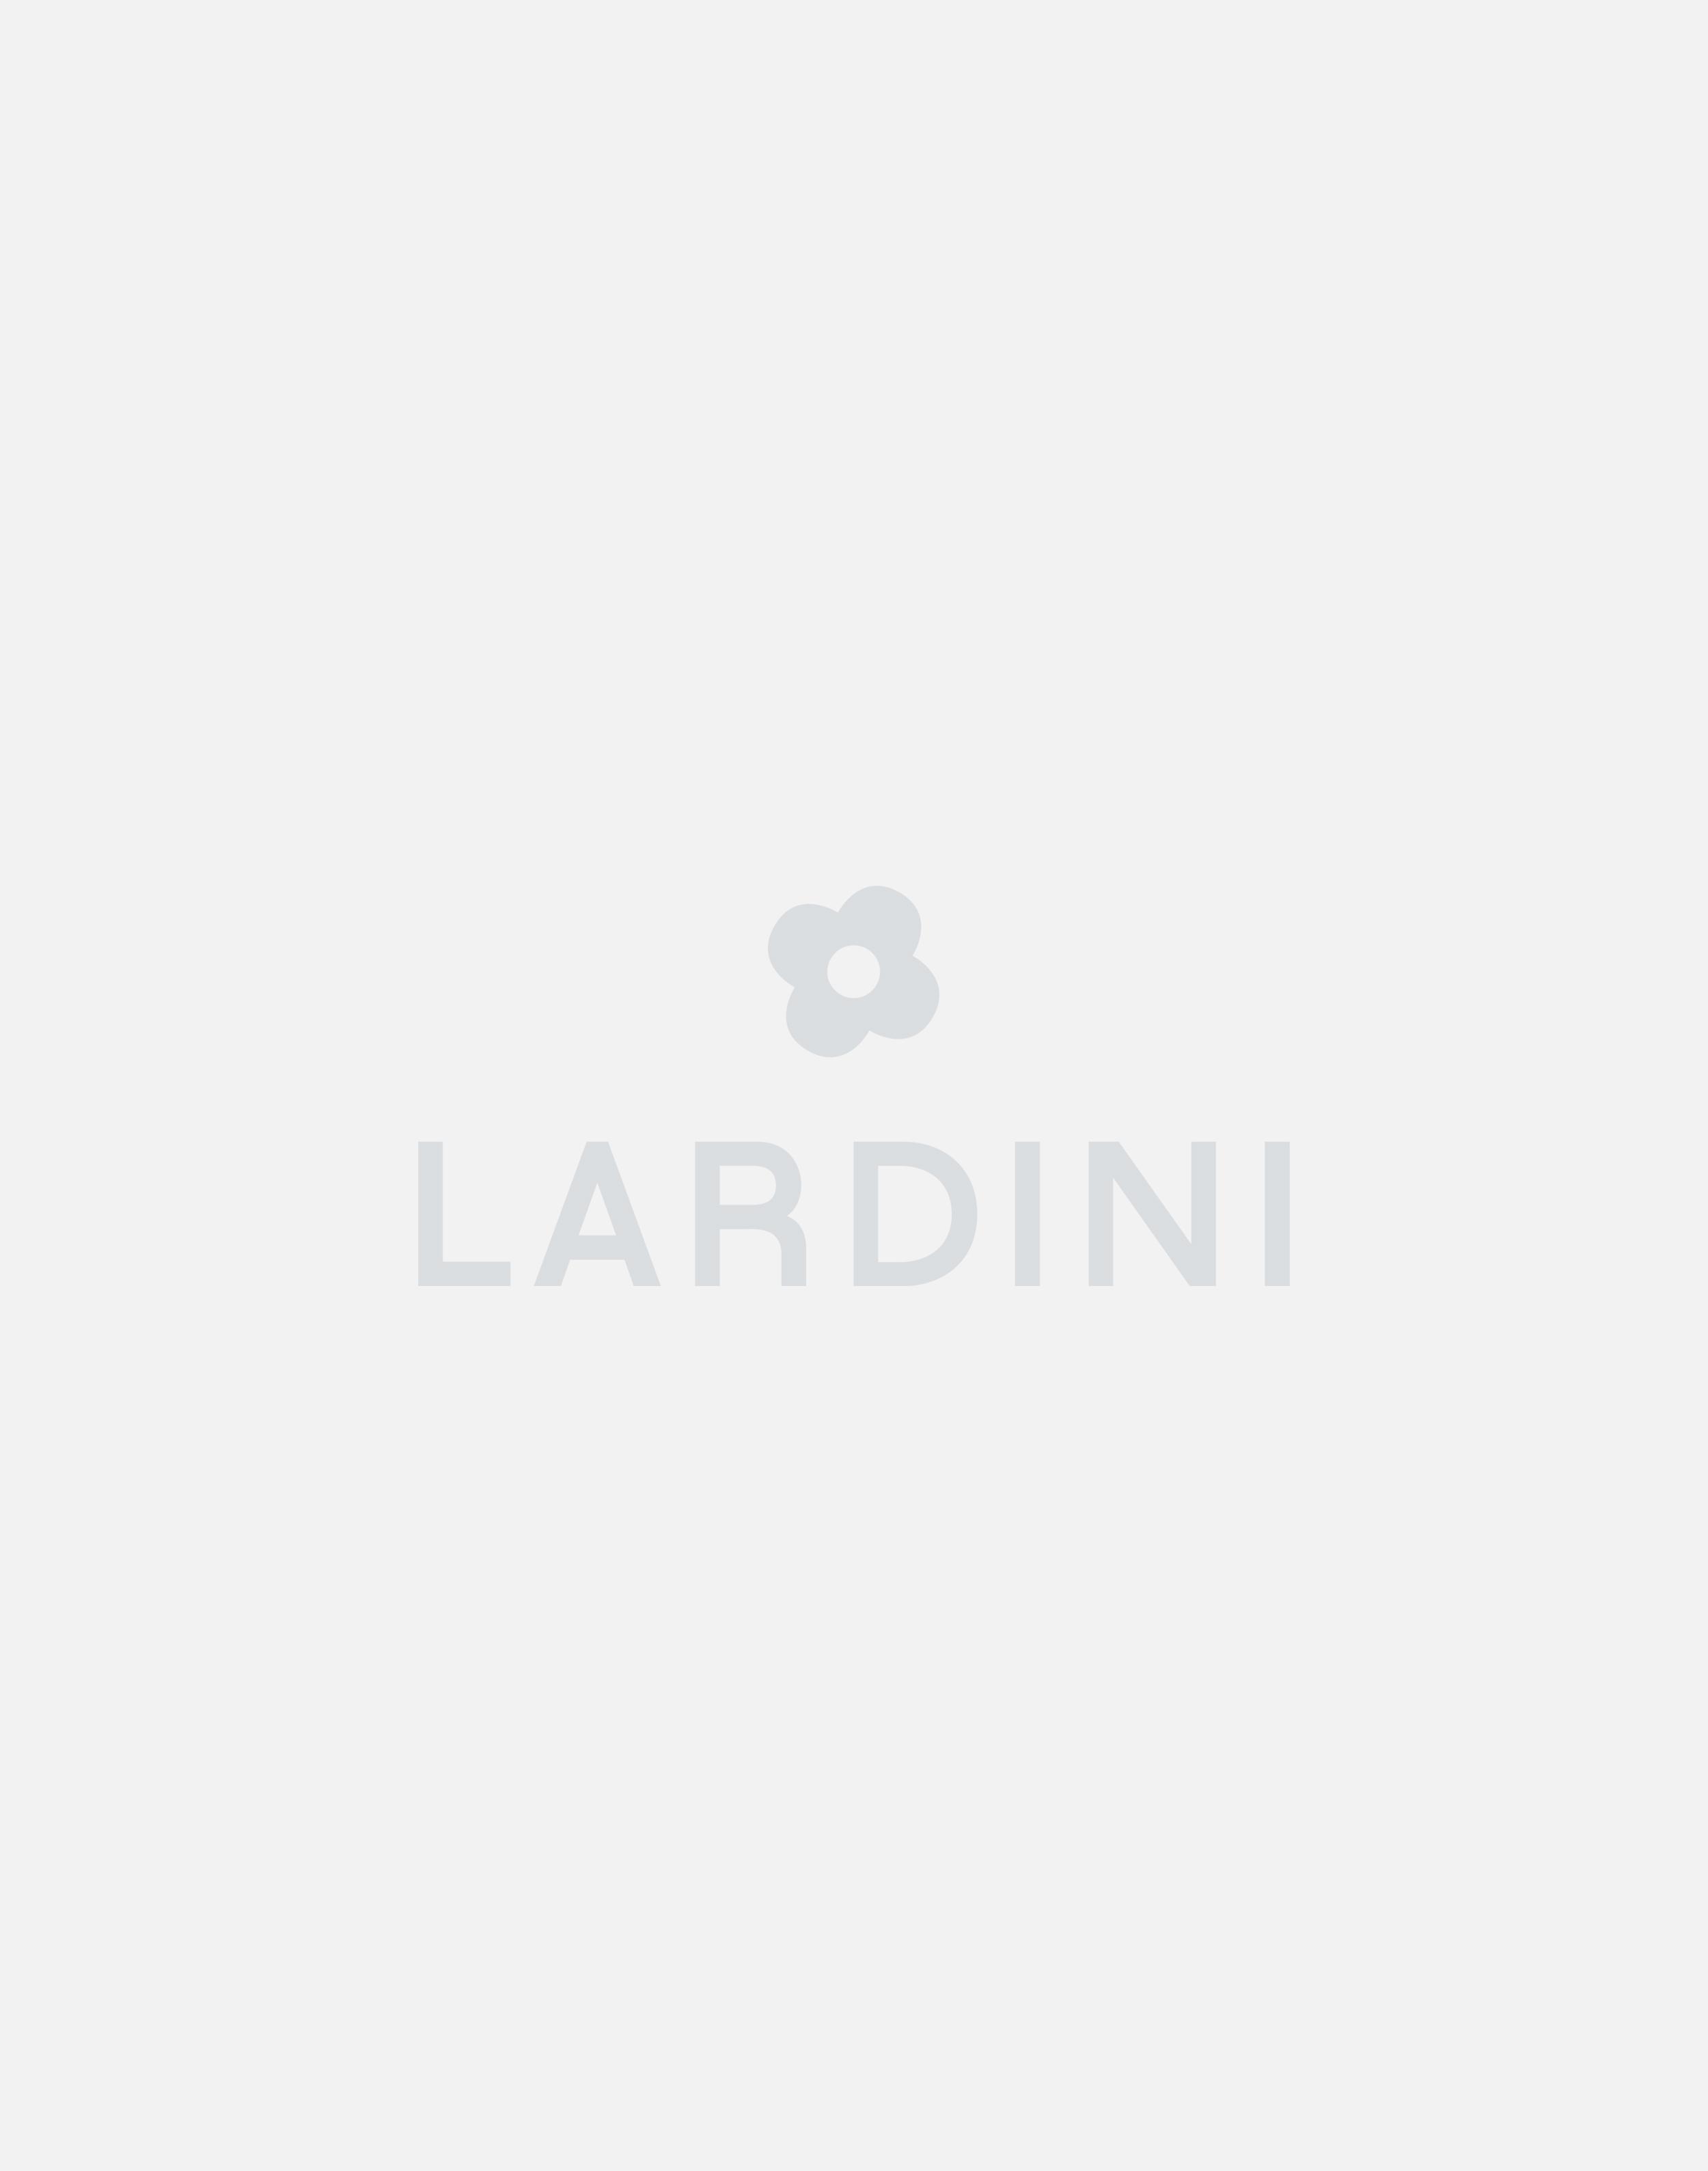 Cappotto in alpaca, lana e mohair - Easy